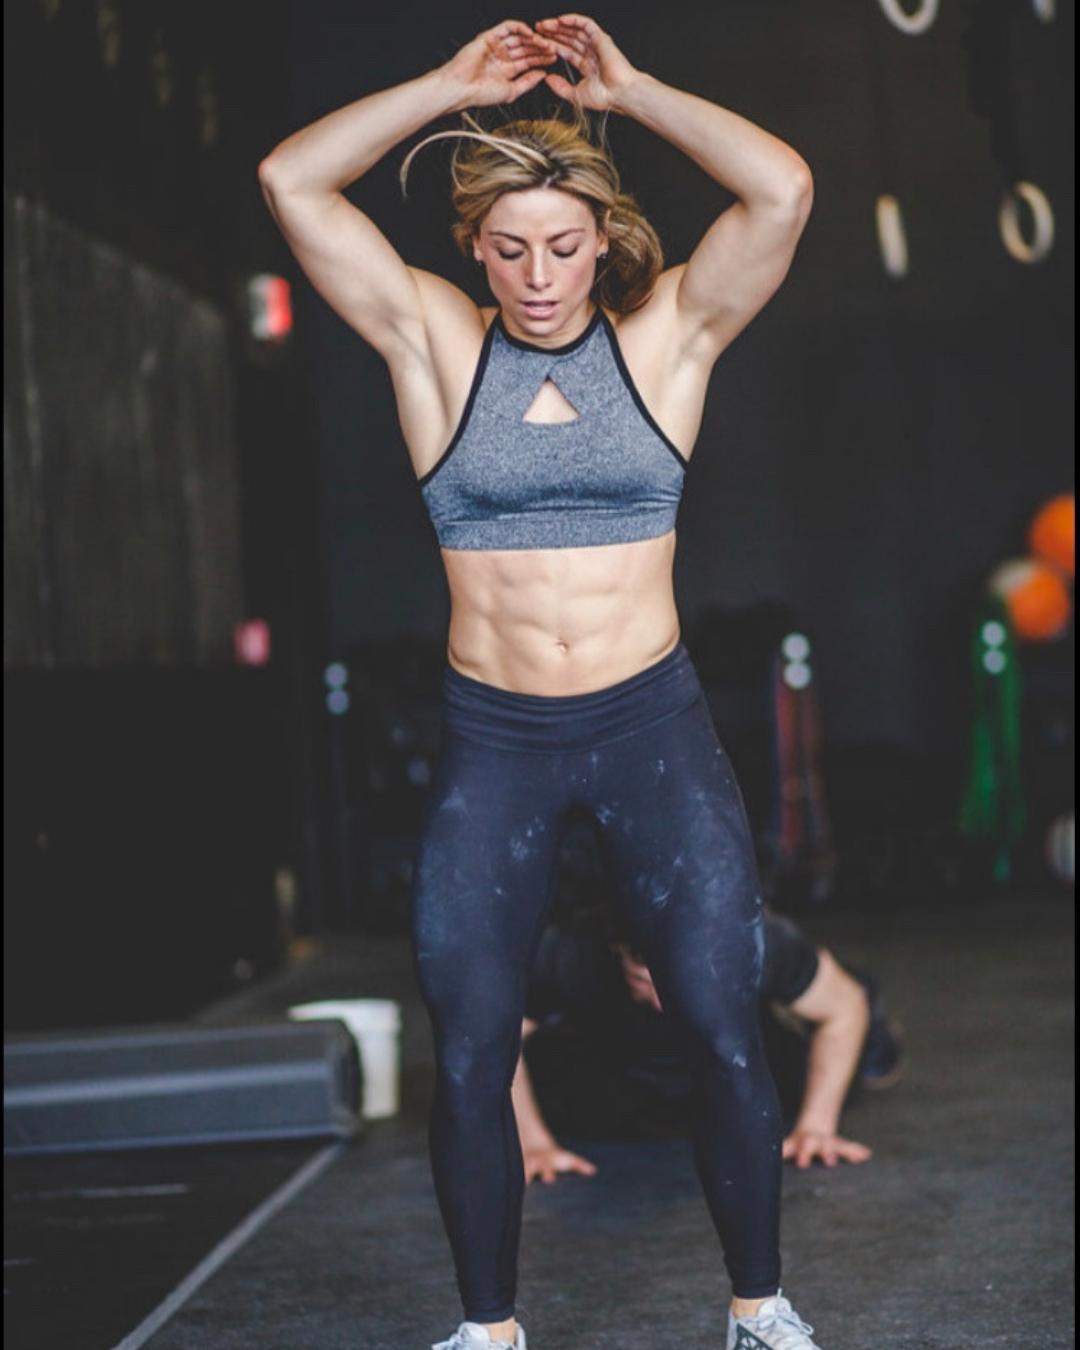 bra pre workout